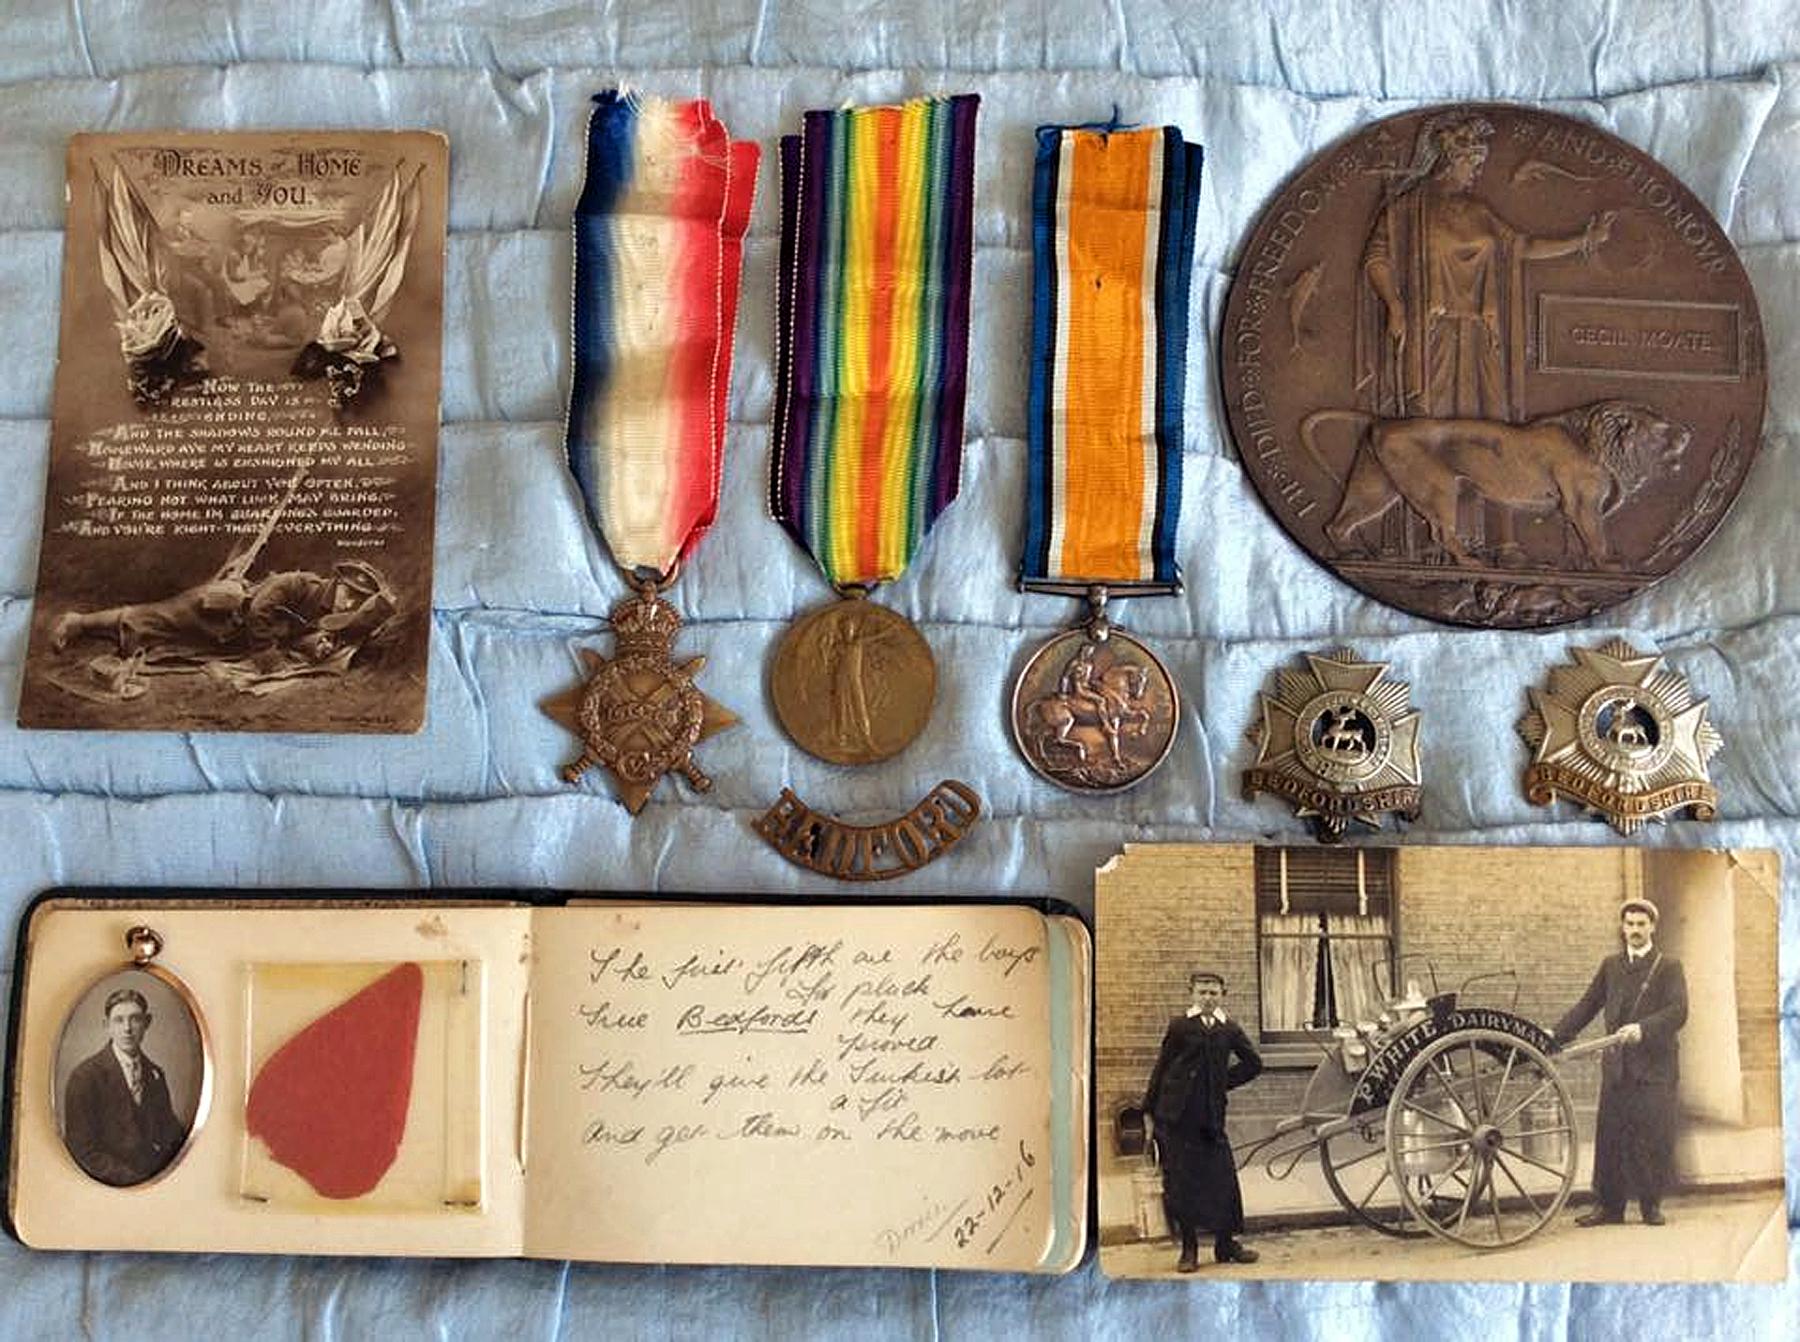 Cecil Moate memorabilia